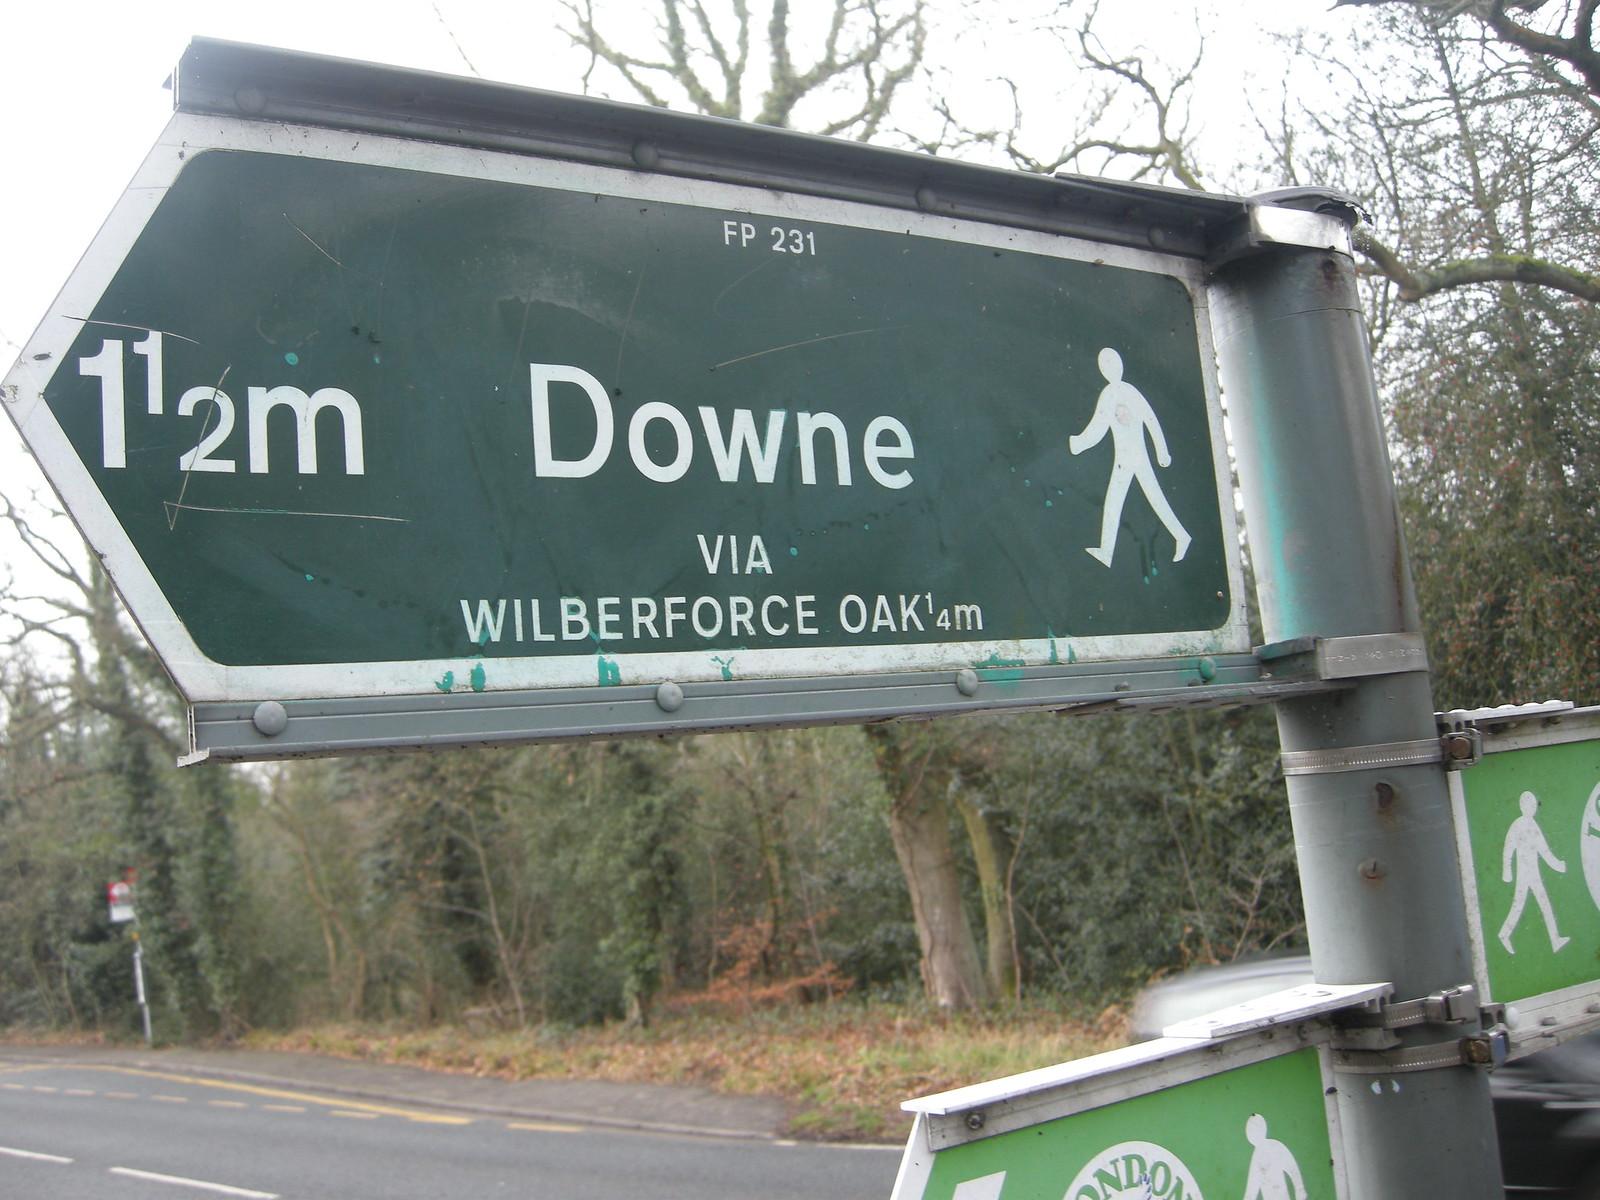 Downe post